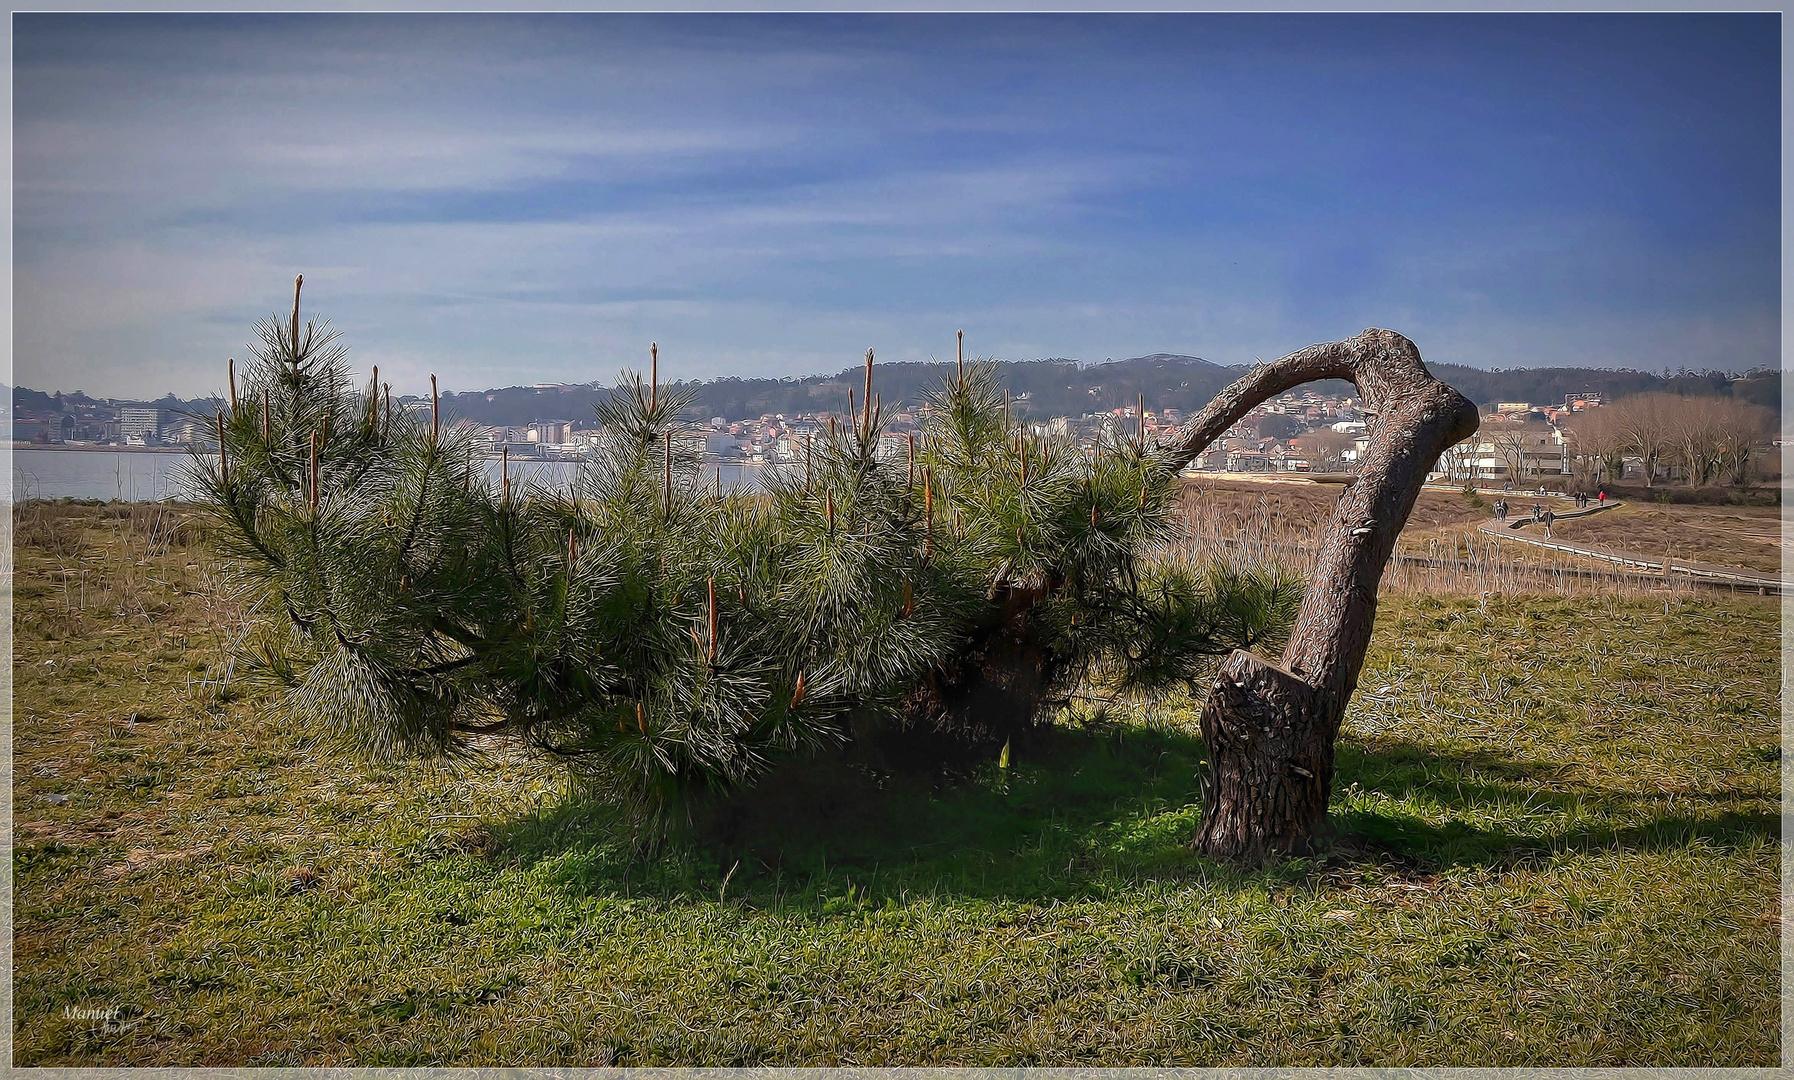 Pinus rastrerus